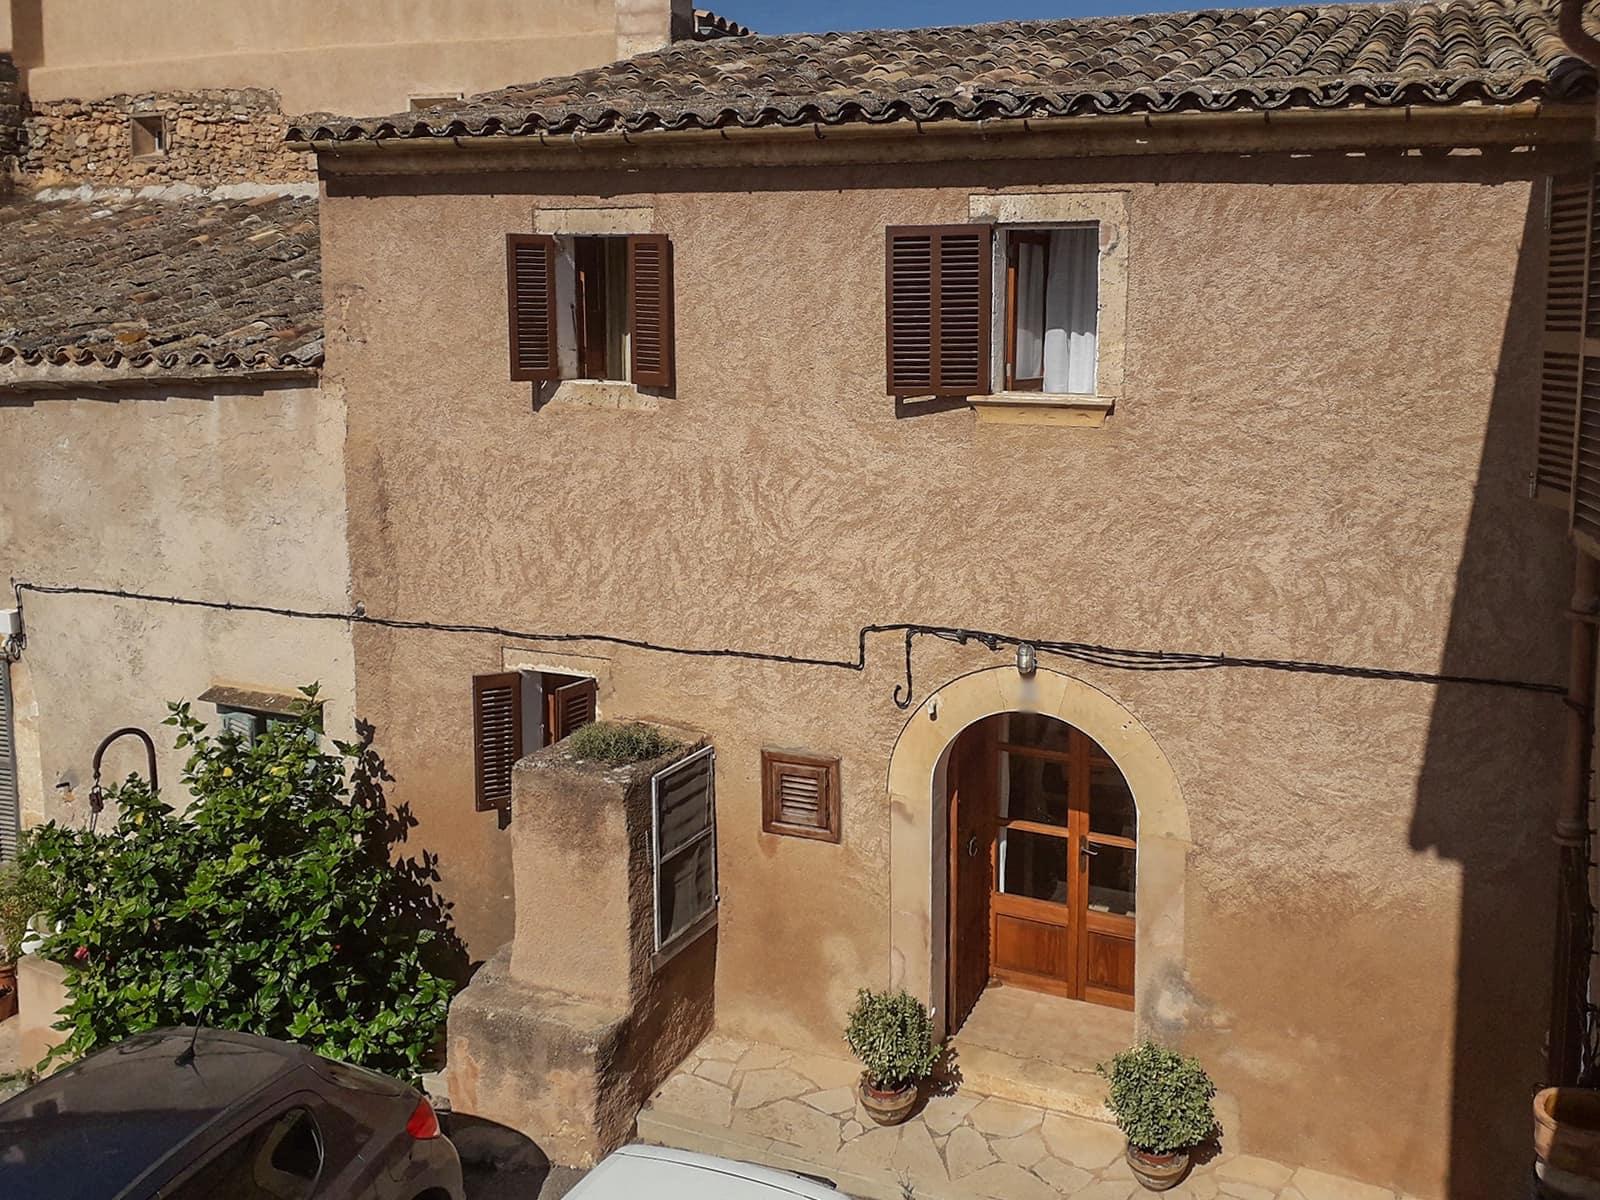 5 quarto Casa em Banda para venda em Alqueria Blanca com garagem - 495 000 € (Ref: 5698508)